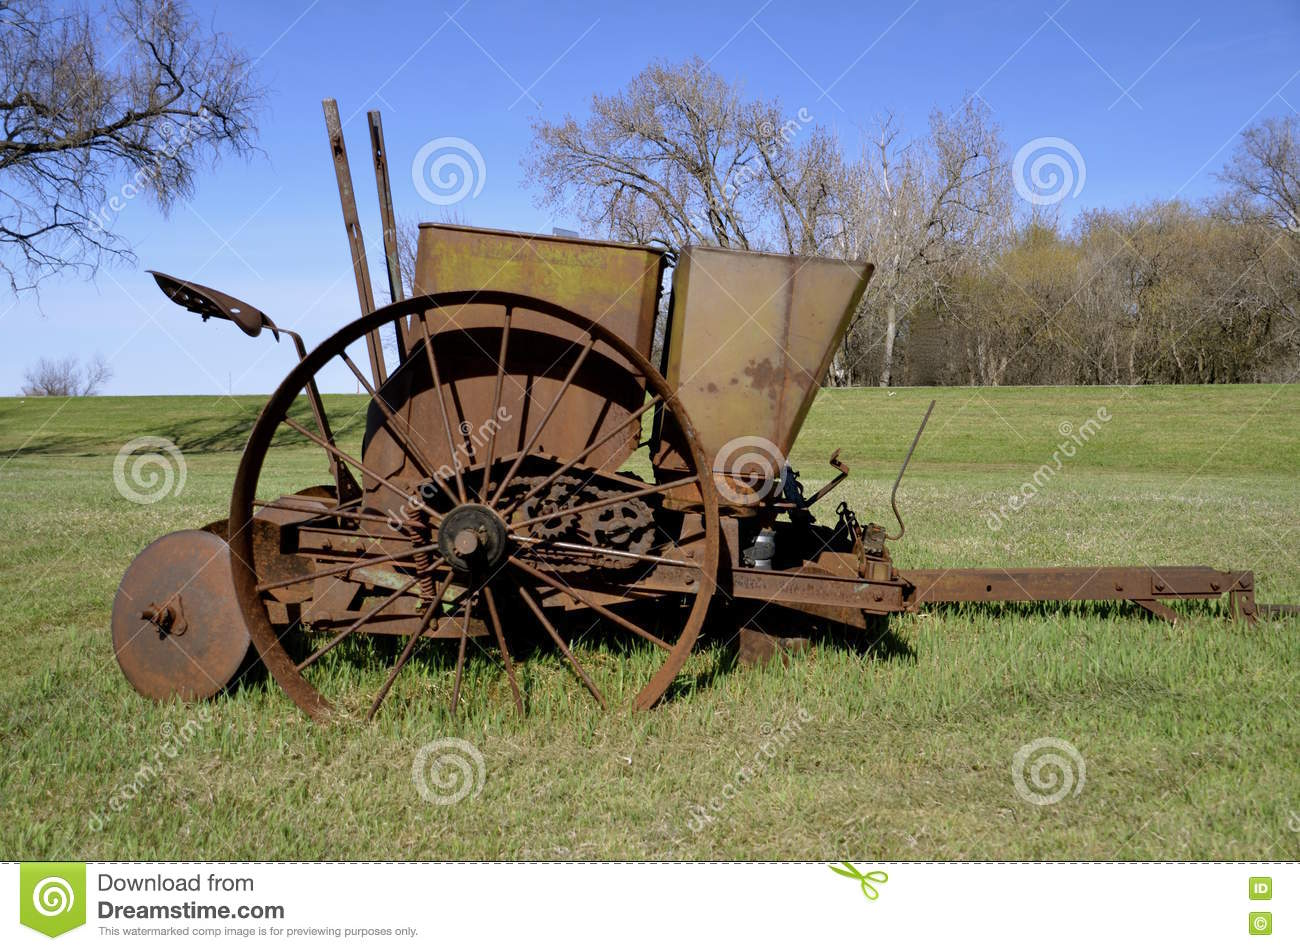 Old Rusty Potato Planting Machinery Stock Photo.